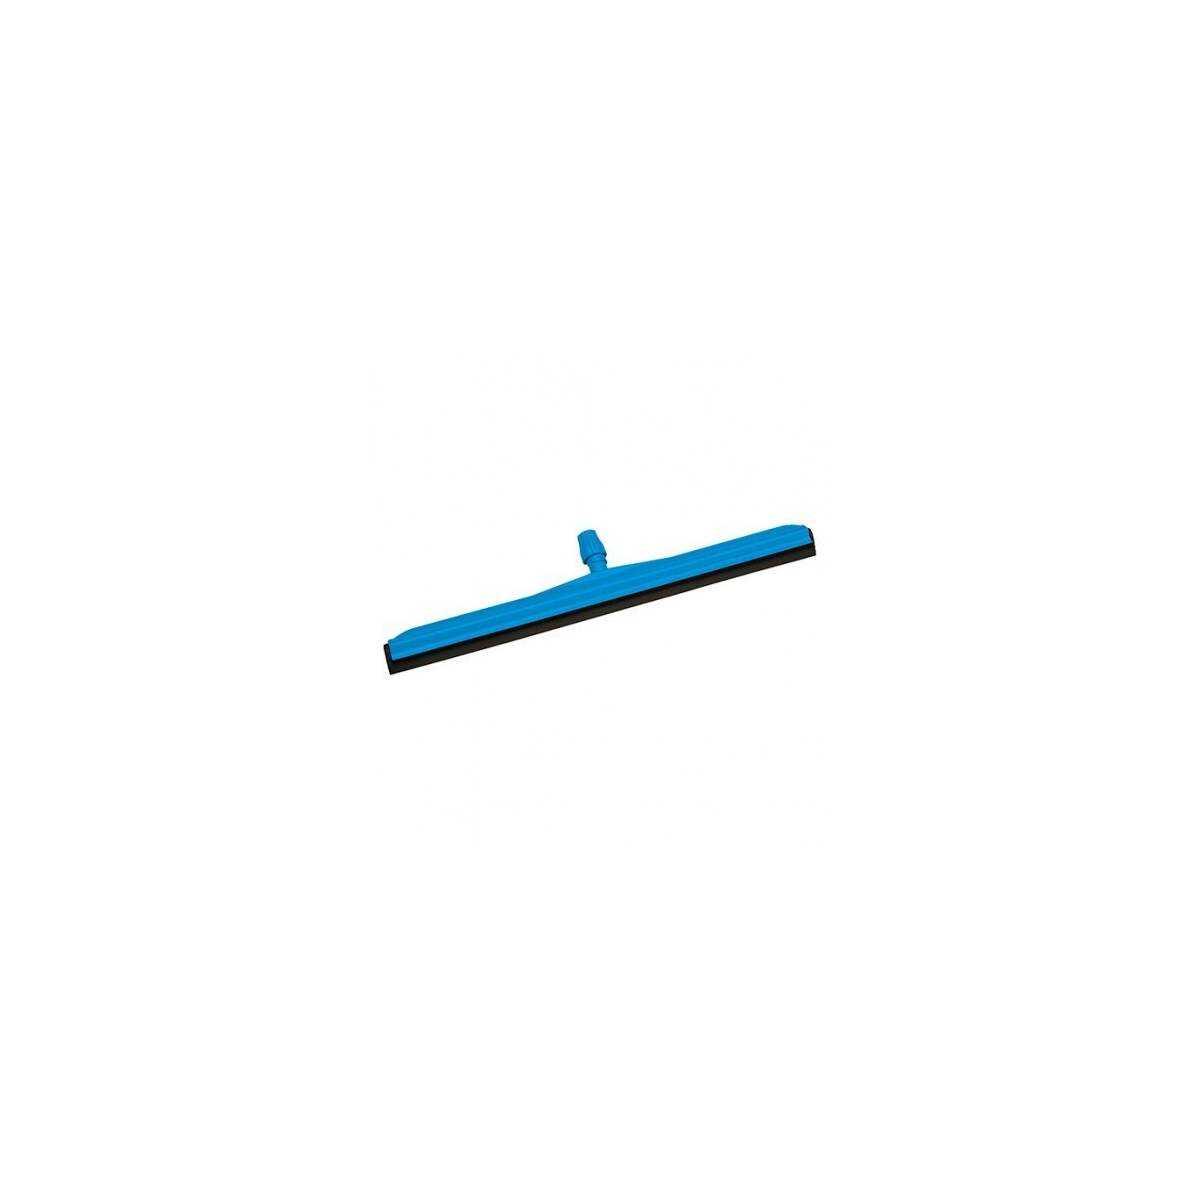 Скребок для сгона воды с пола полипропиленовый 45см (Синего цвета) 8666 TTS